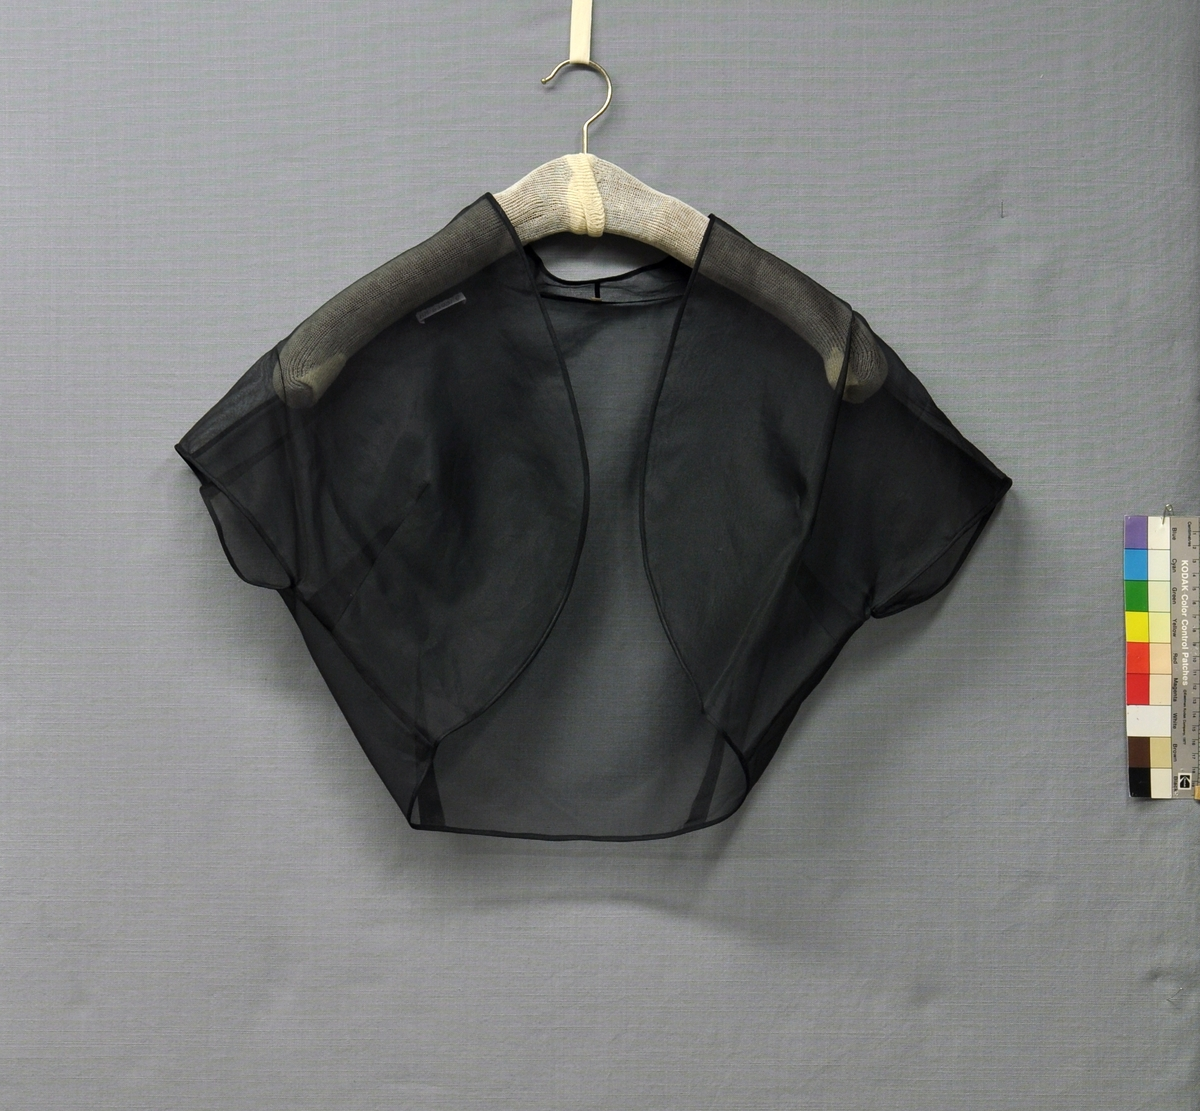 Aftonklänning och skärp i svart sidenorganza med jacka och underkjol. Klänning (BM63901:1). Avskuren i midjan. Baddräktsliv med påsydd dubbelvikt kant, smockrynkad framtill. Spröt i byst- och sidsömmar. Livet fodrat med svart viskostaft. Rundskuren solfjädersplisserad kjol, blixtlås i vänster sida. Skärp med tygklätt spänne. Jacka (BM63901:2). Bolerojacka. Framsidan med rundskuren kant och 2 bystinsnitt. Baksidan helskuren med 2 midjeinsnitt. Ståkrage bak, skuren i ett med framstycket. Holkärm. Rullfållad med vändsydda sömmar. Underkjol (BM63901:3) av 2 våder svart viskostaft med rynkad volang nedtill. 25 mm bred linning, knäppt med 1 knapp. 1 midjeinsnitt i var sida. Storlek 42.